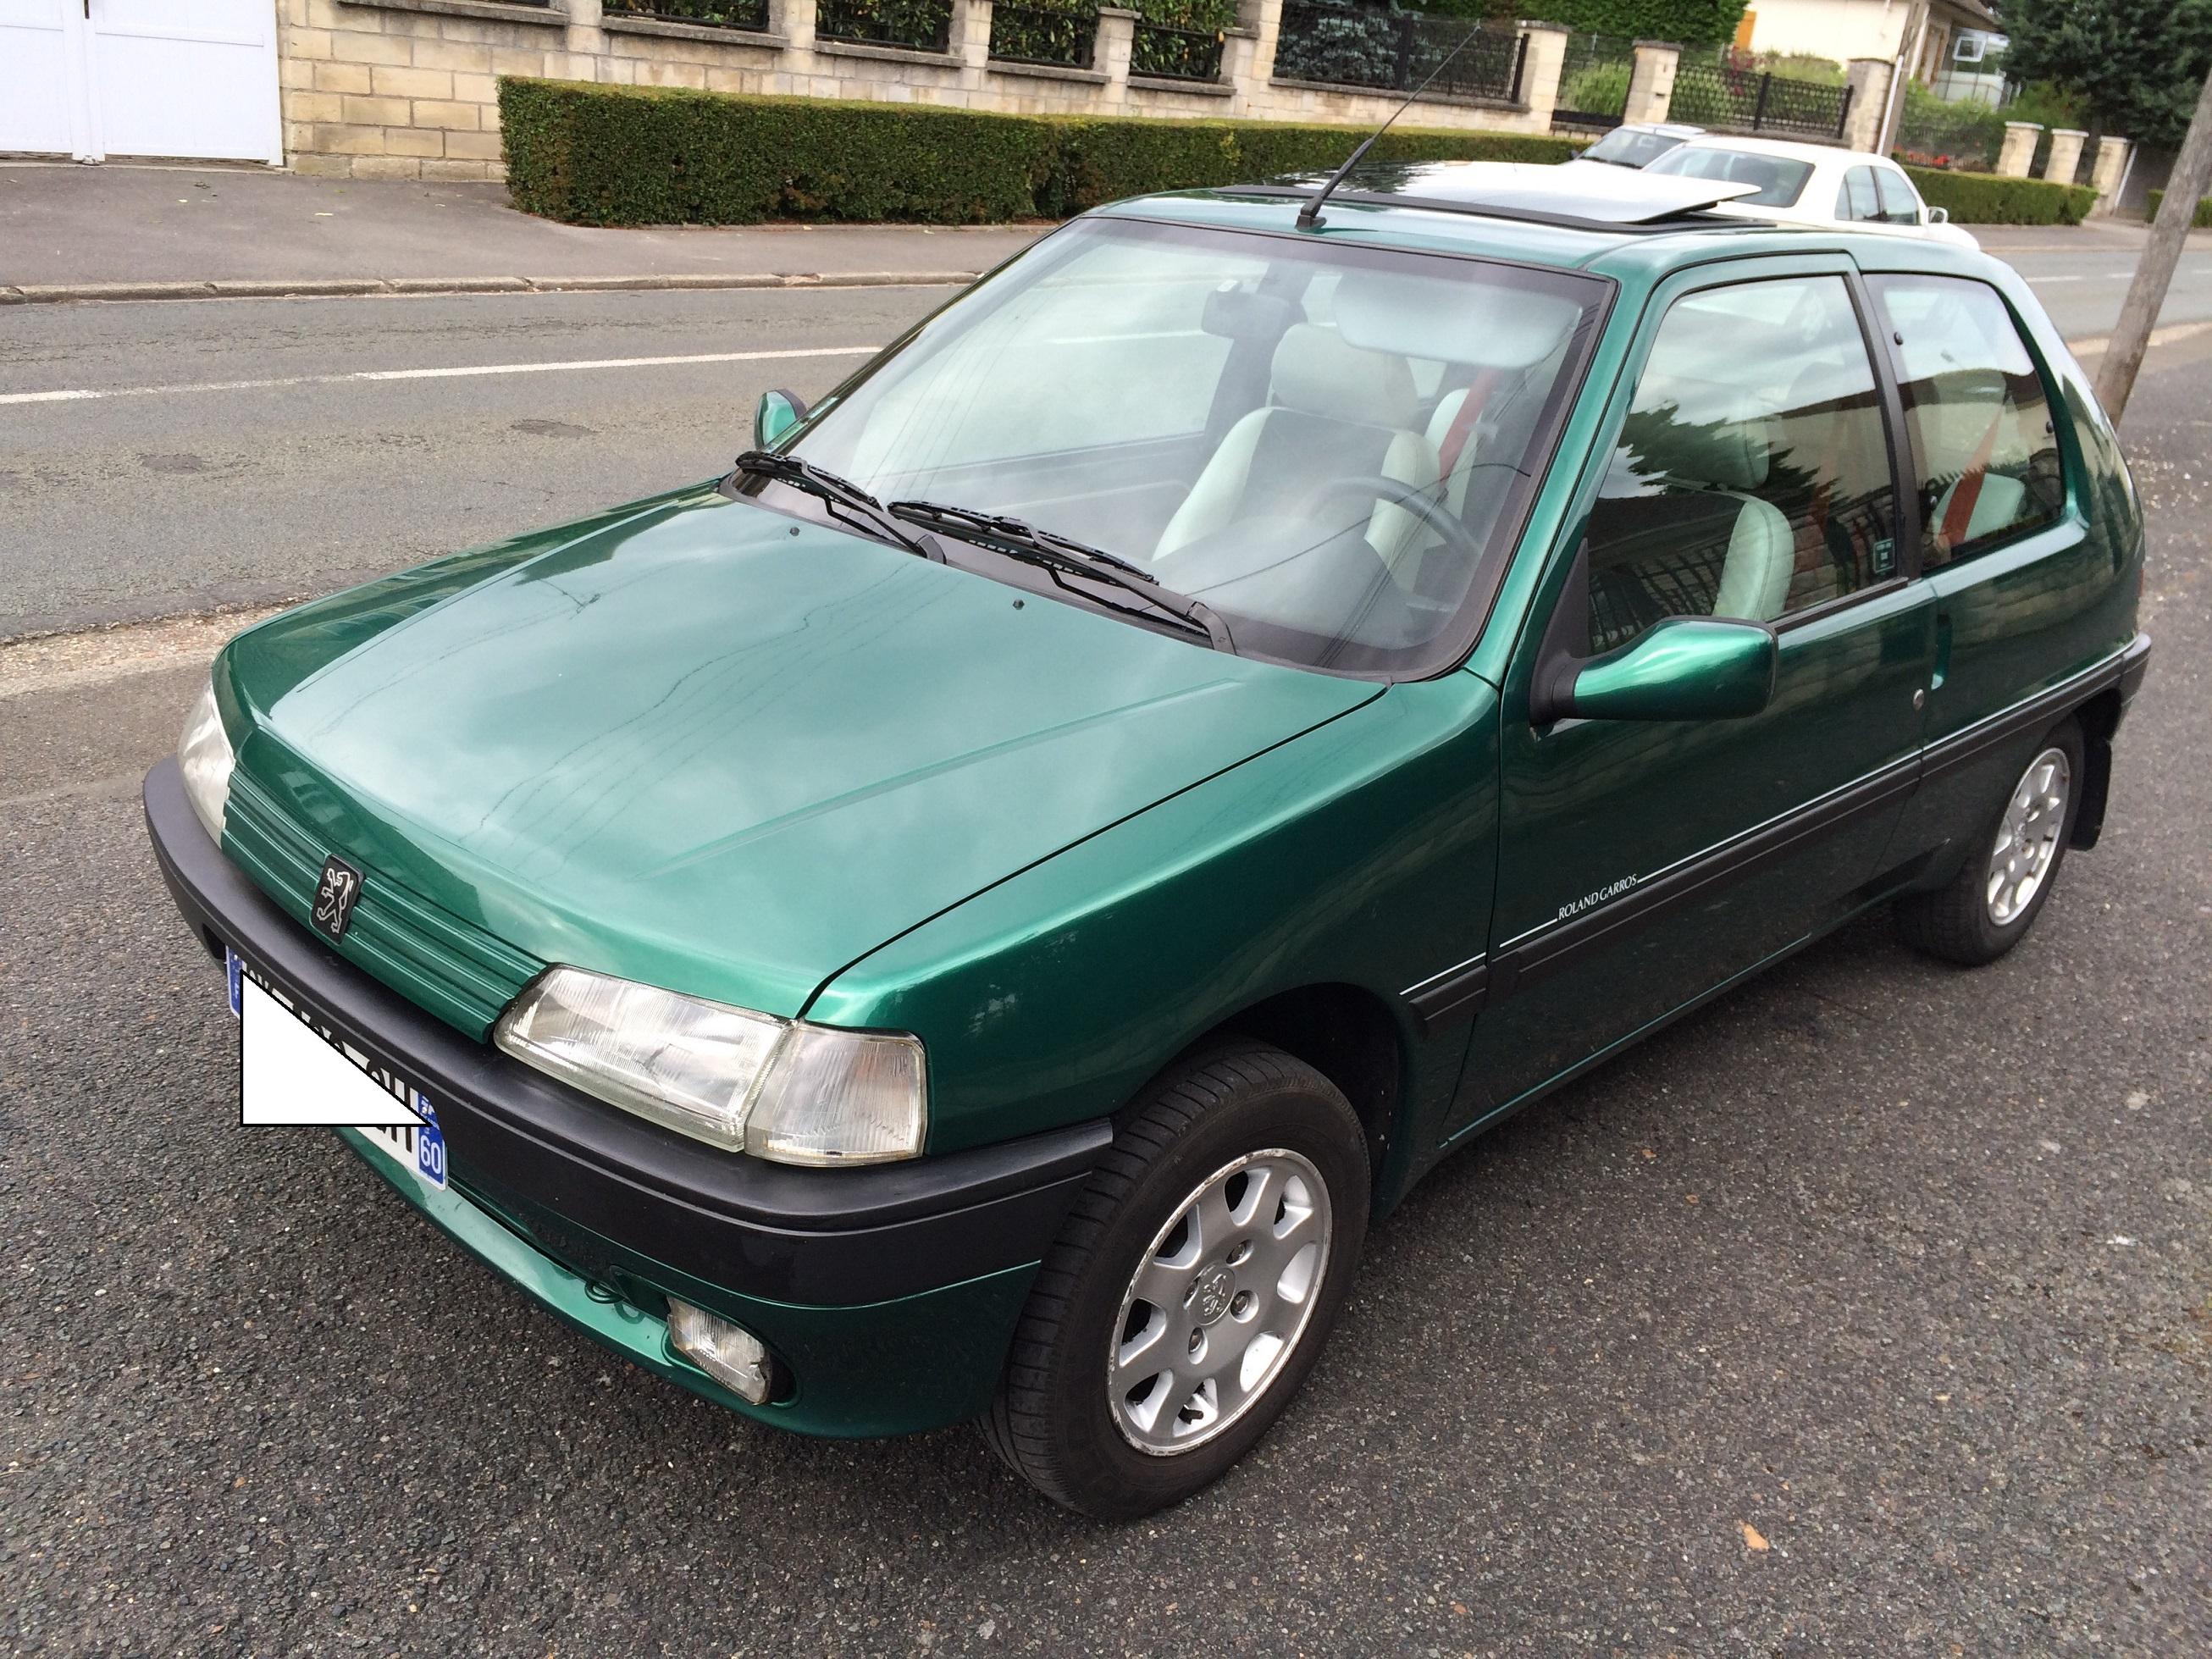 Peugeot 106 Roland Garros millesime  96 15081302434719934613505671